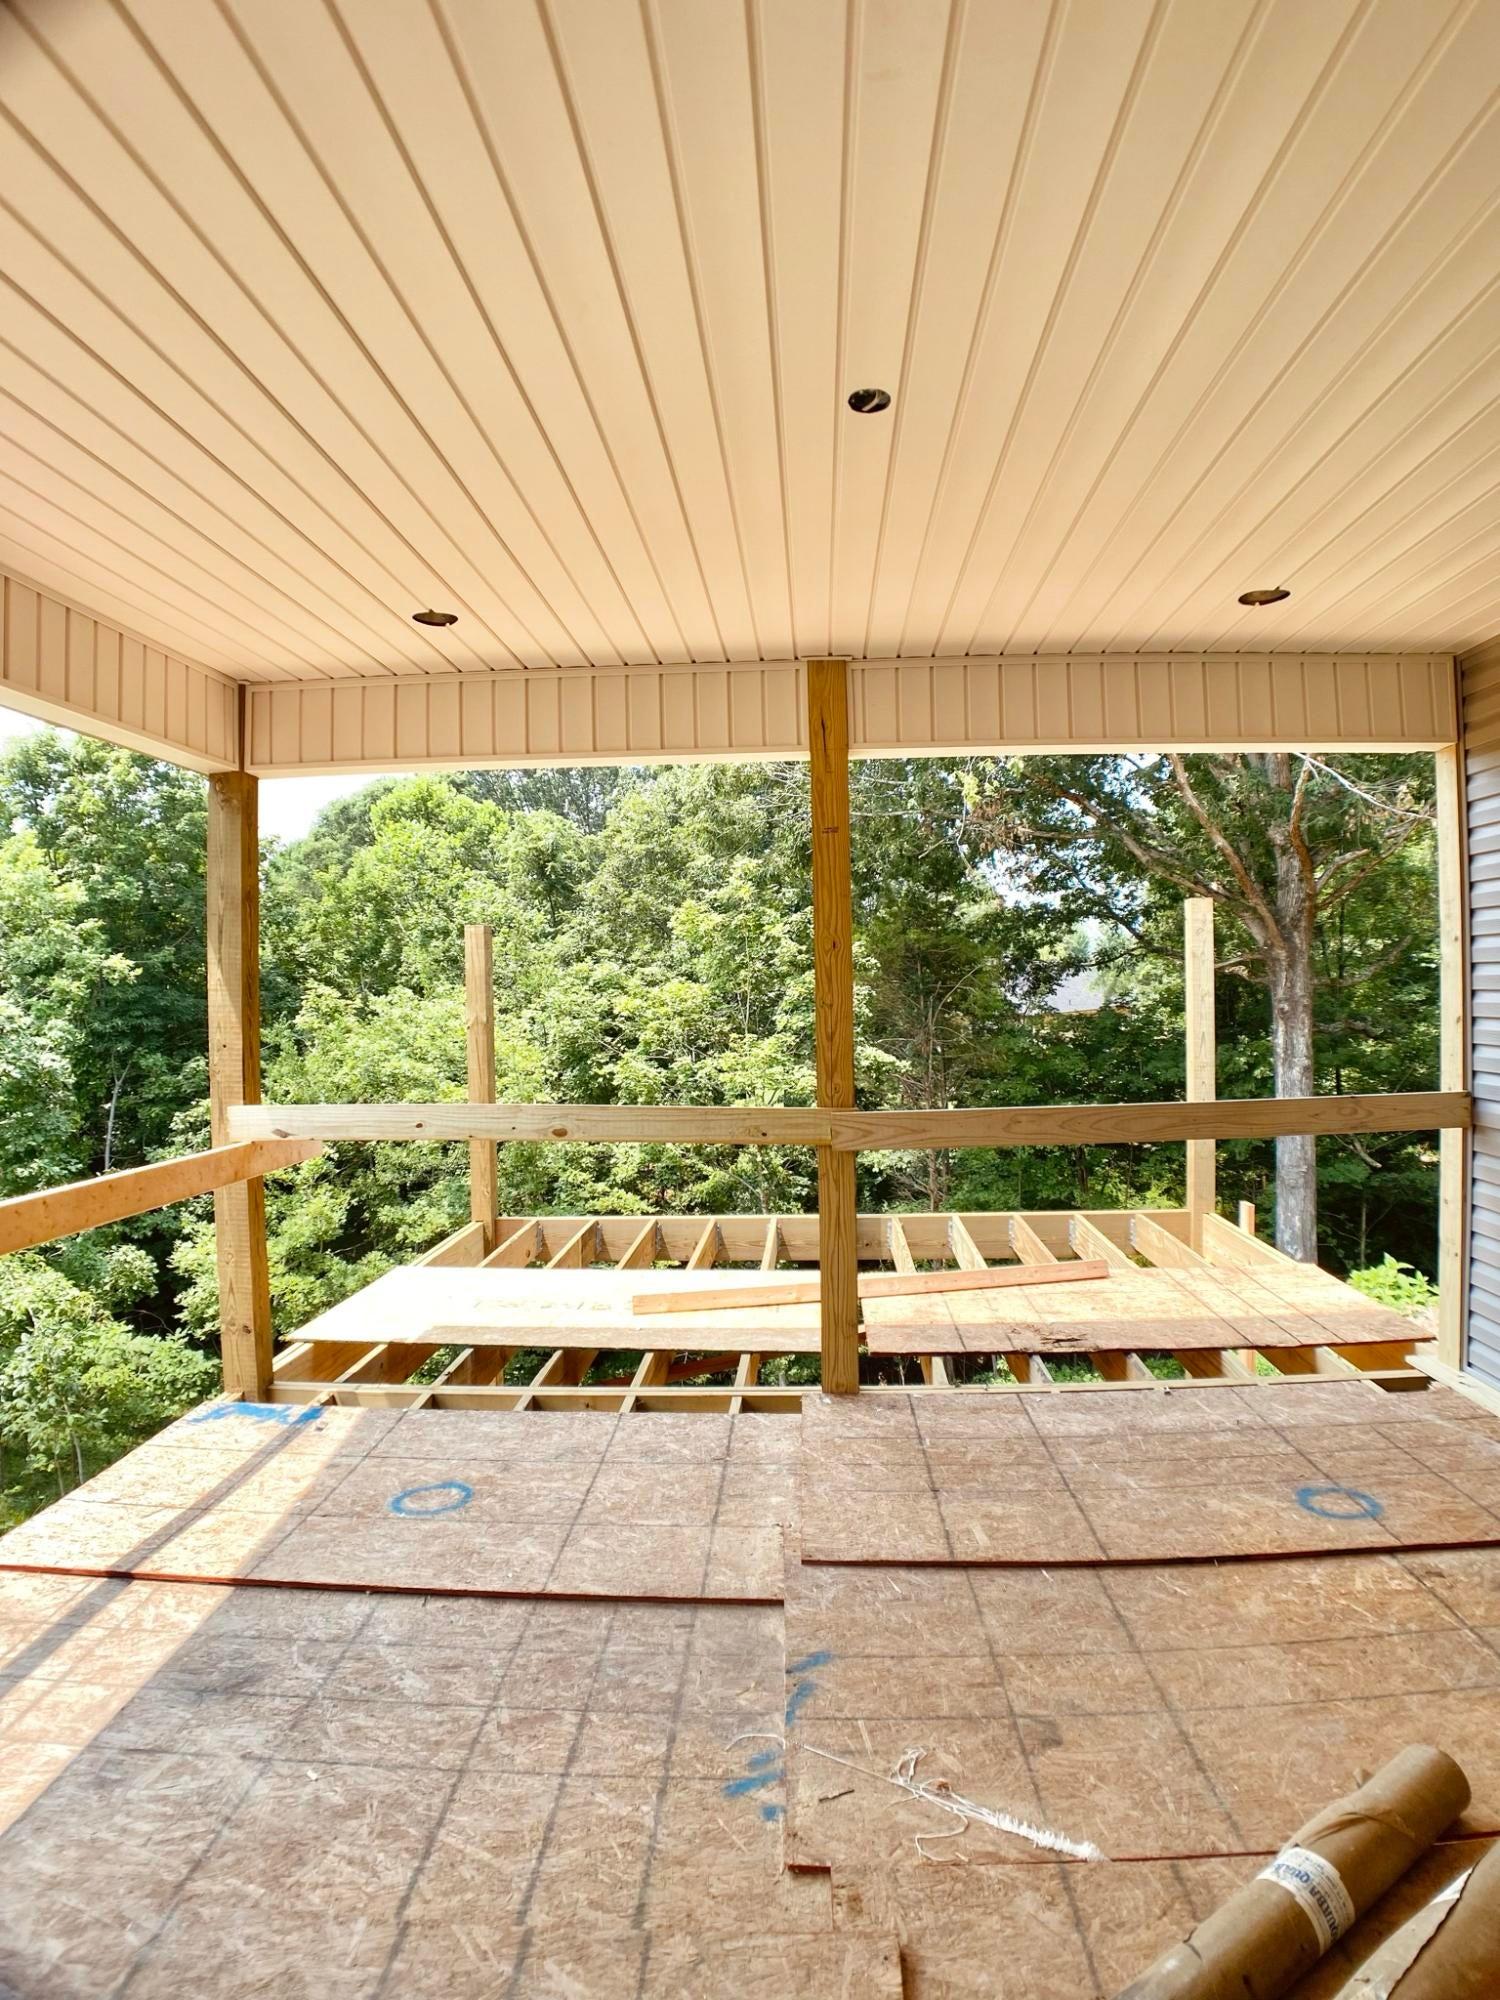 Srenned and open decks